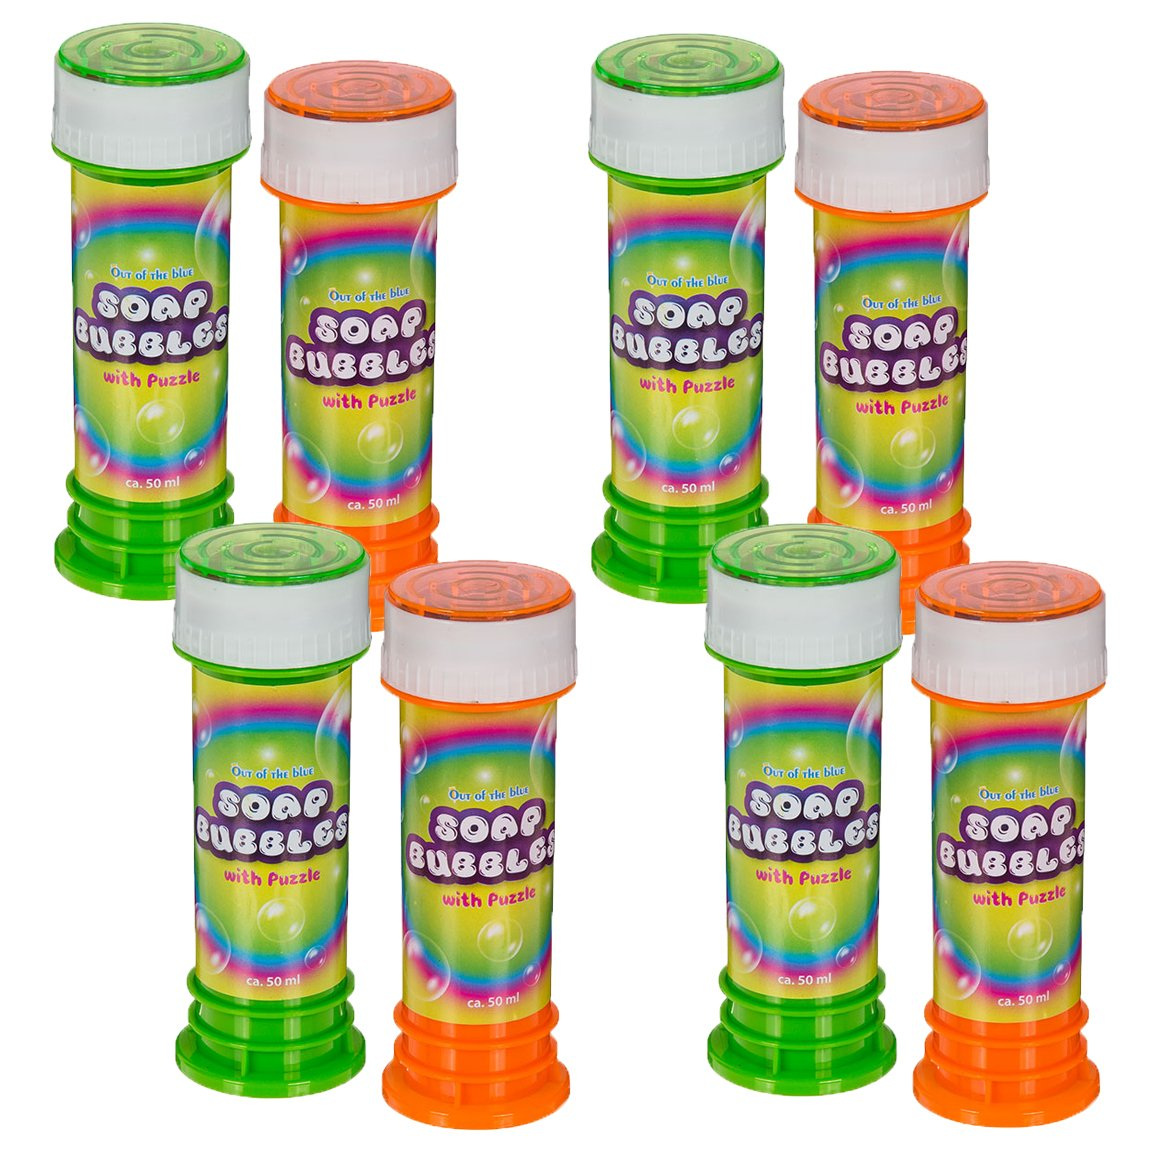 Bada Bing 16er Set Seifenblasen Neutral Bunte Farben Mit Geduldsspiel Ca. 50 ml Soap Bubbles Mädchen Jungen Kindergeburtstag Mitbringsel Geschenk 73